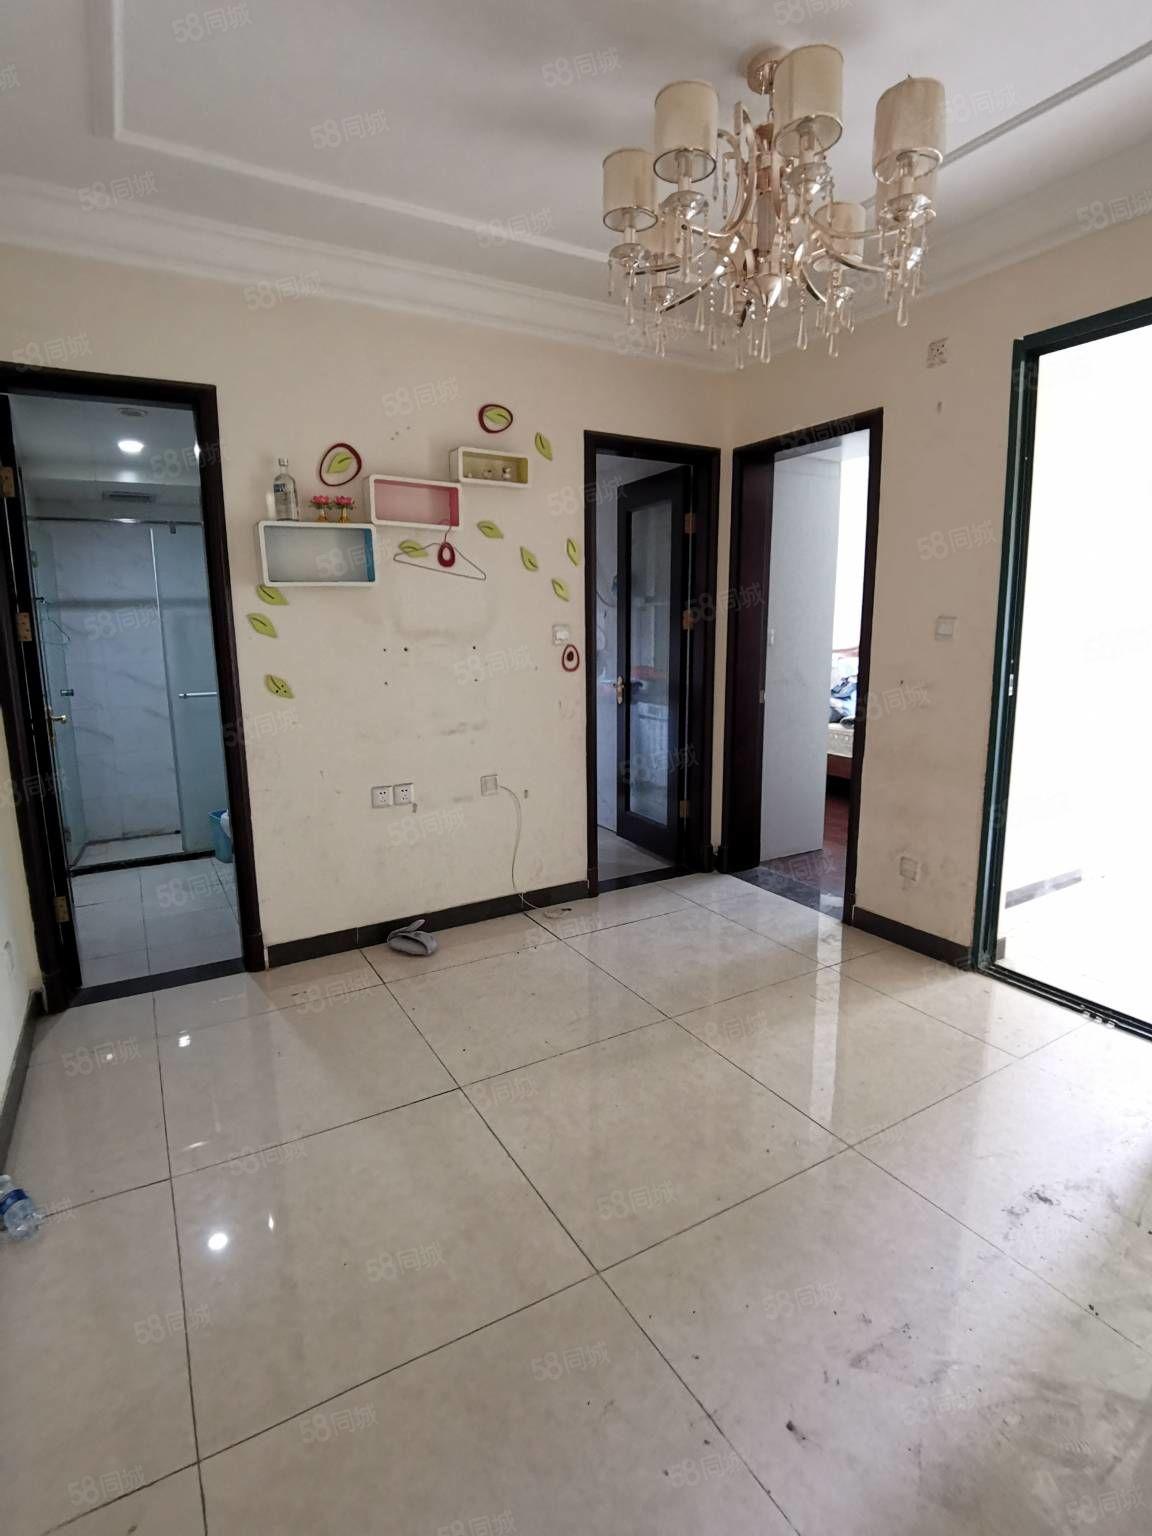 恒大城精装修带全套家具家电一室一厅70年产权钥匙房源